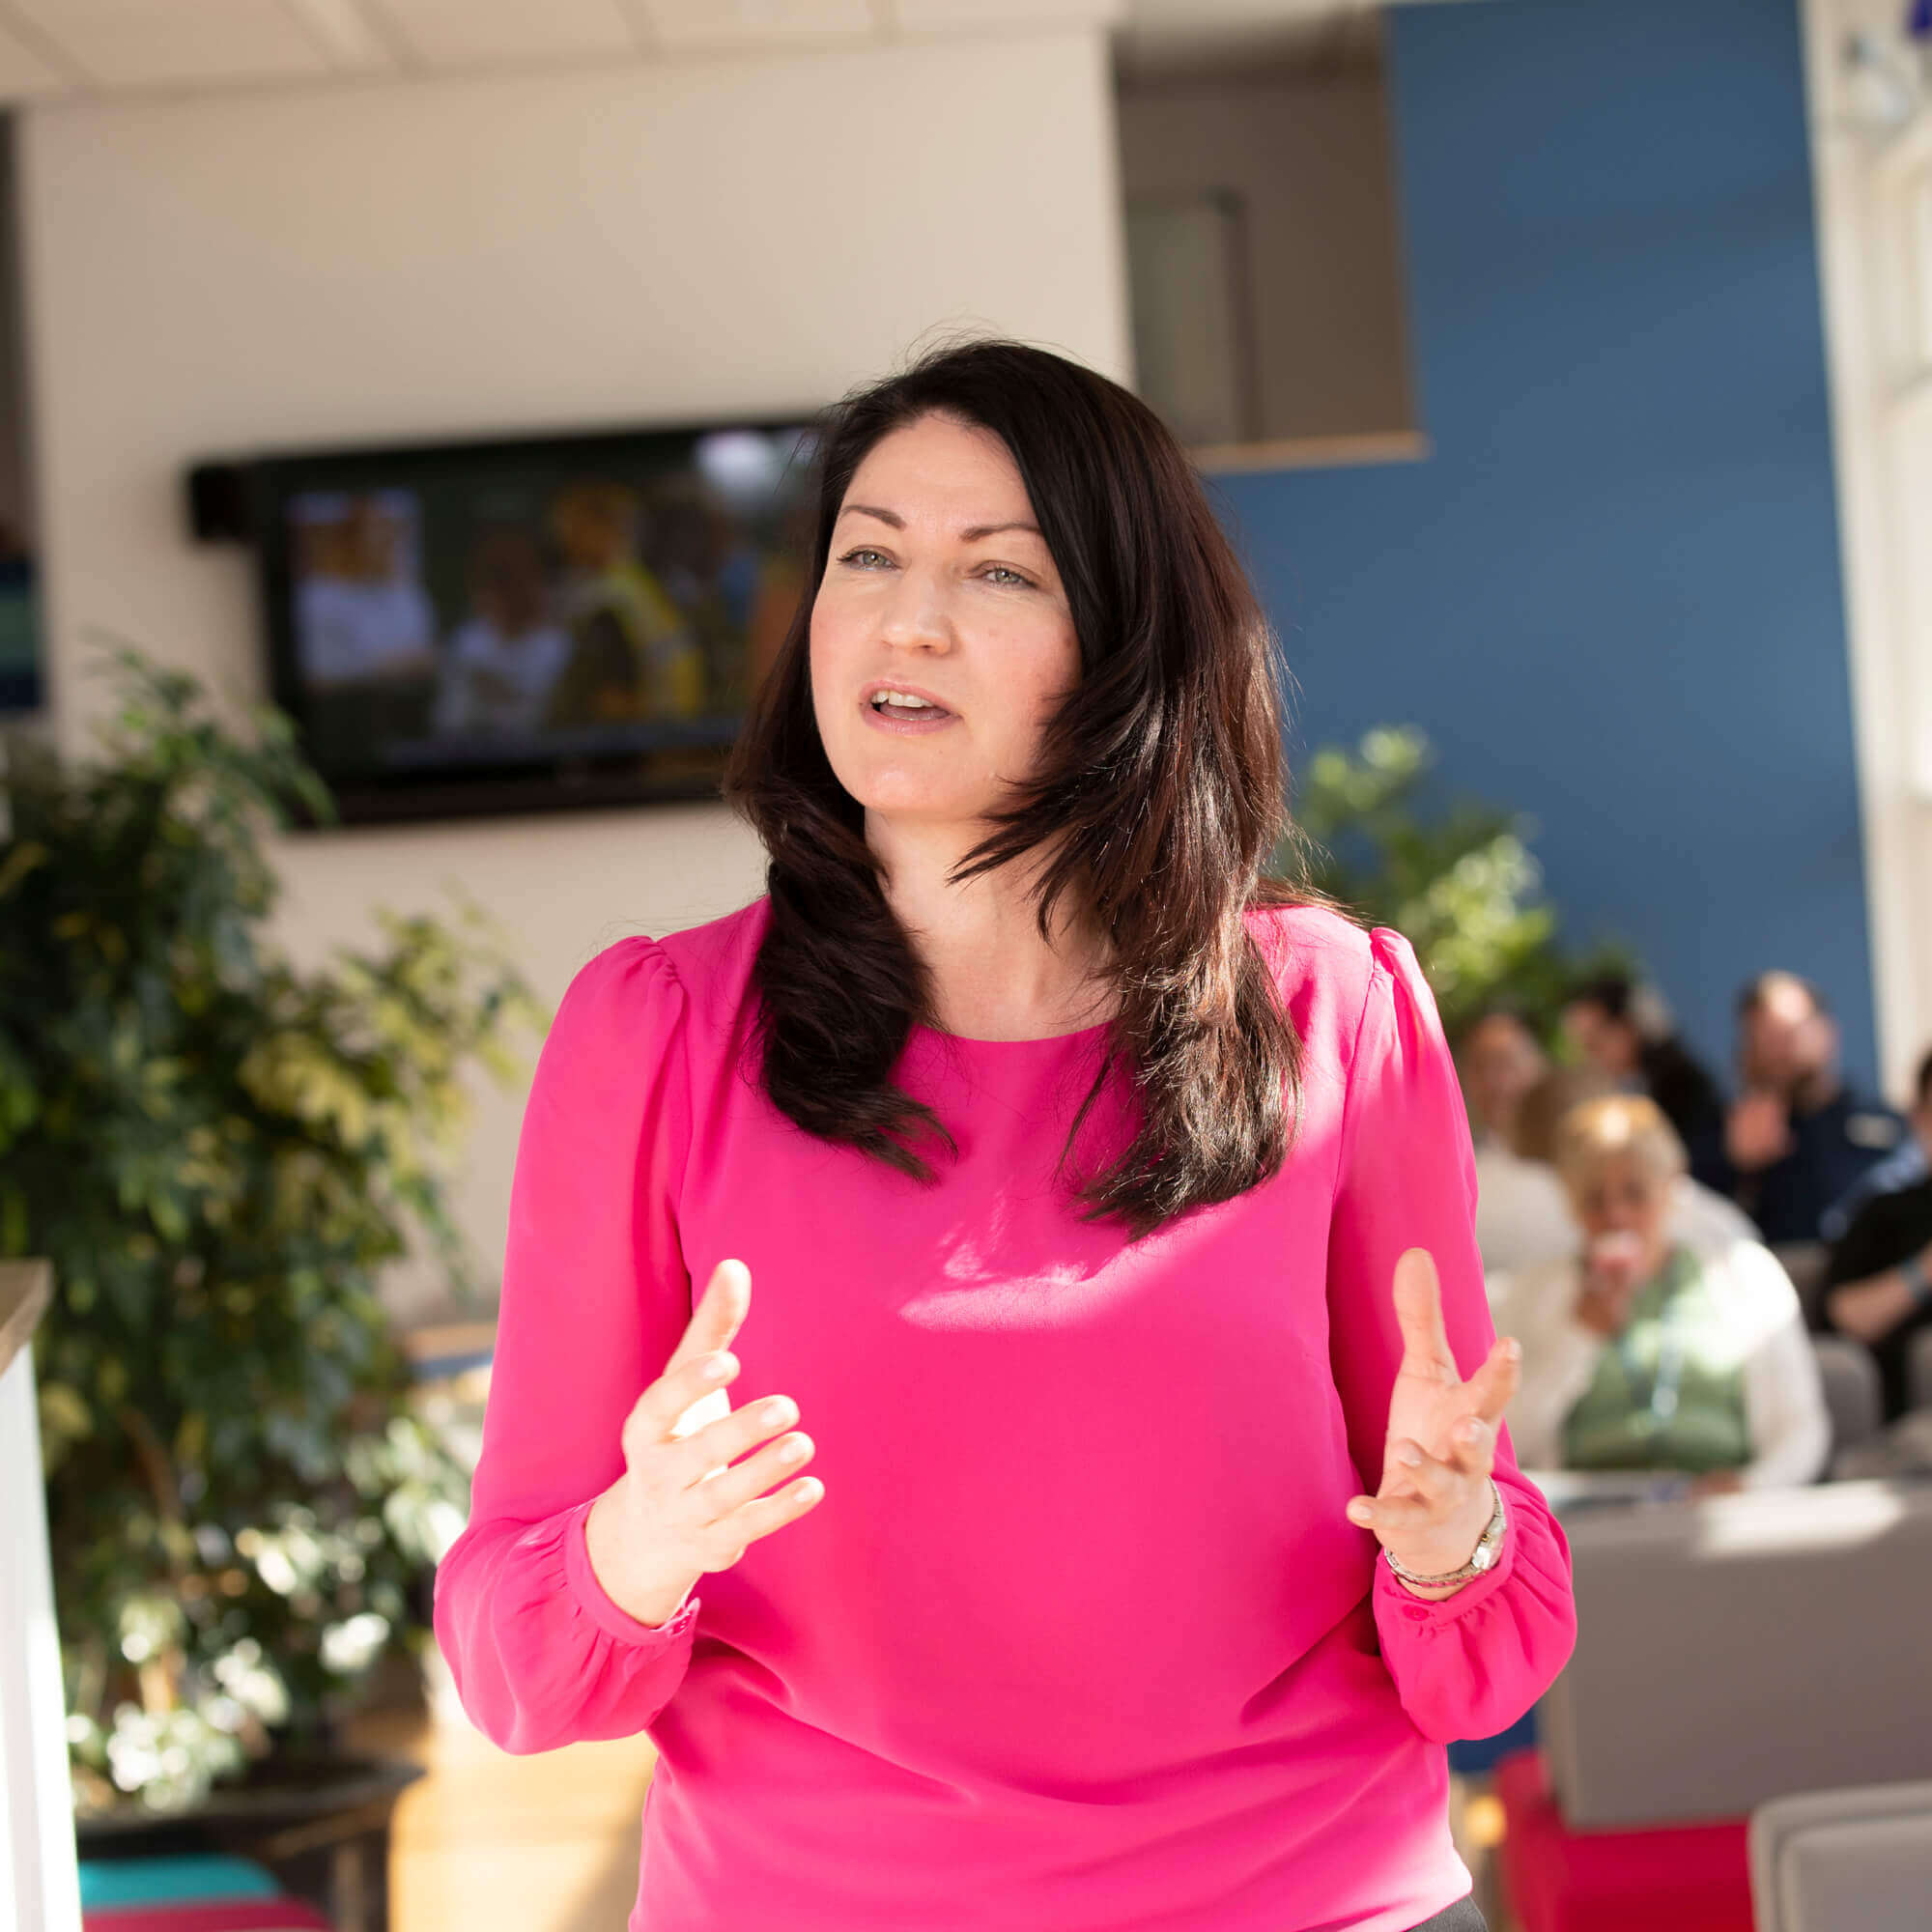 Polina Baranova talking